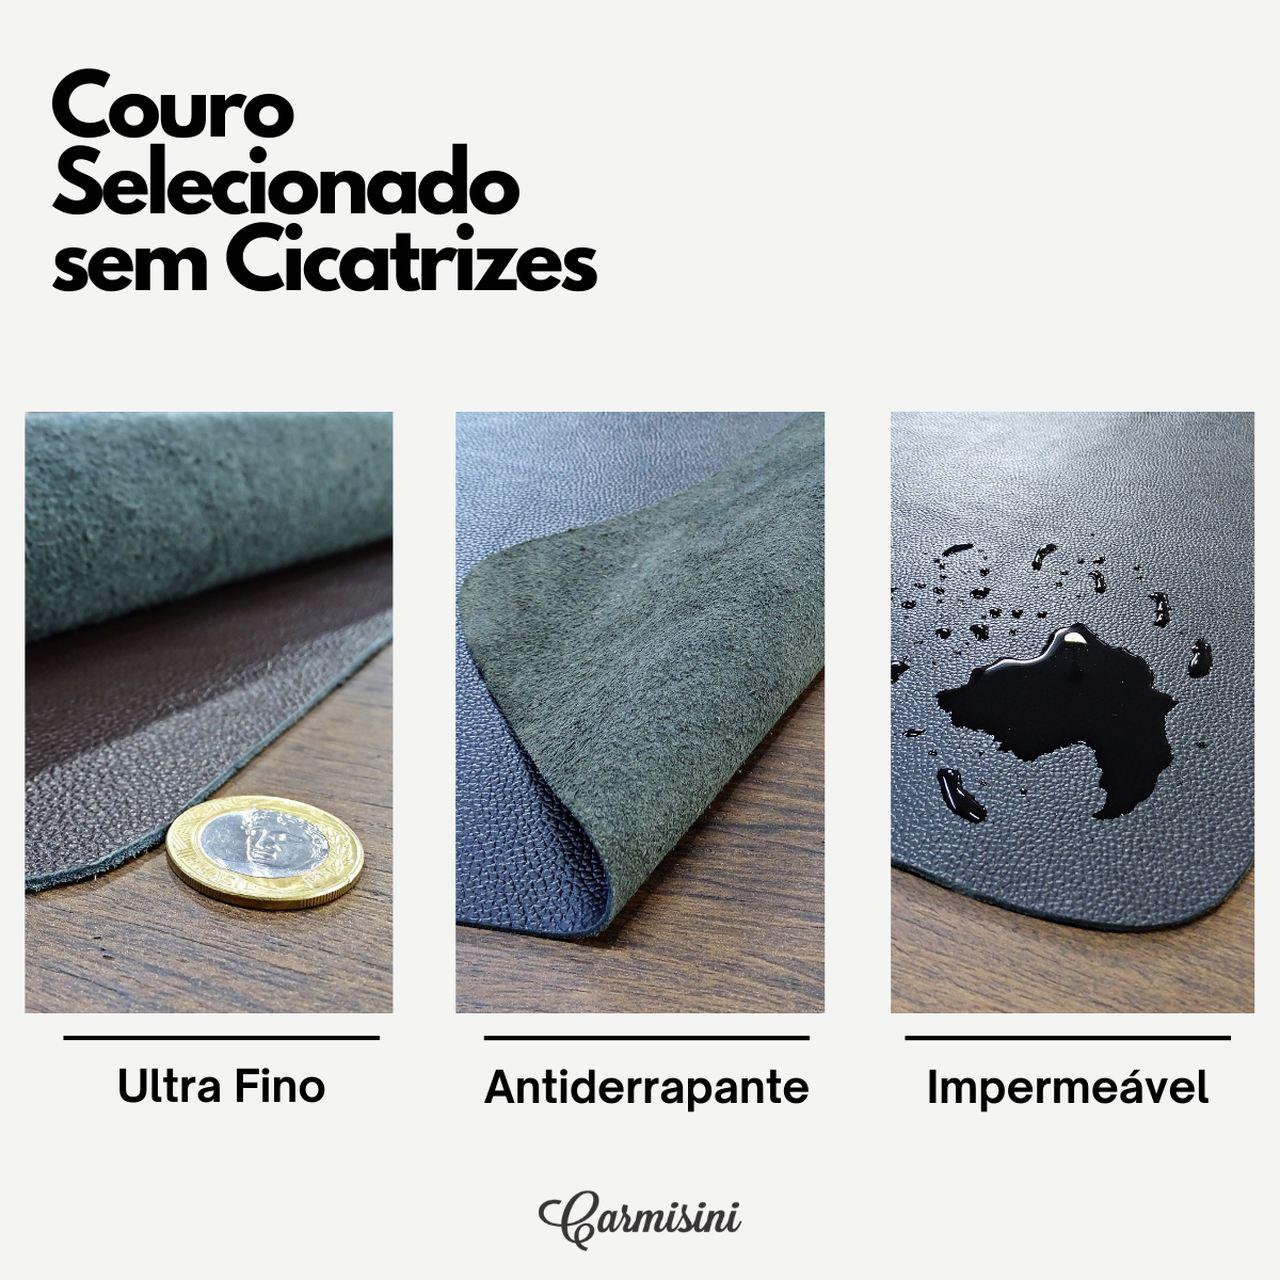 Mousepad Grande 70x38cm Couro Legítimo Café com suporte para celular.